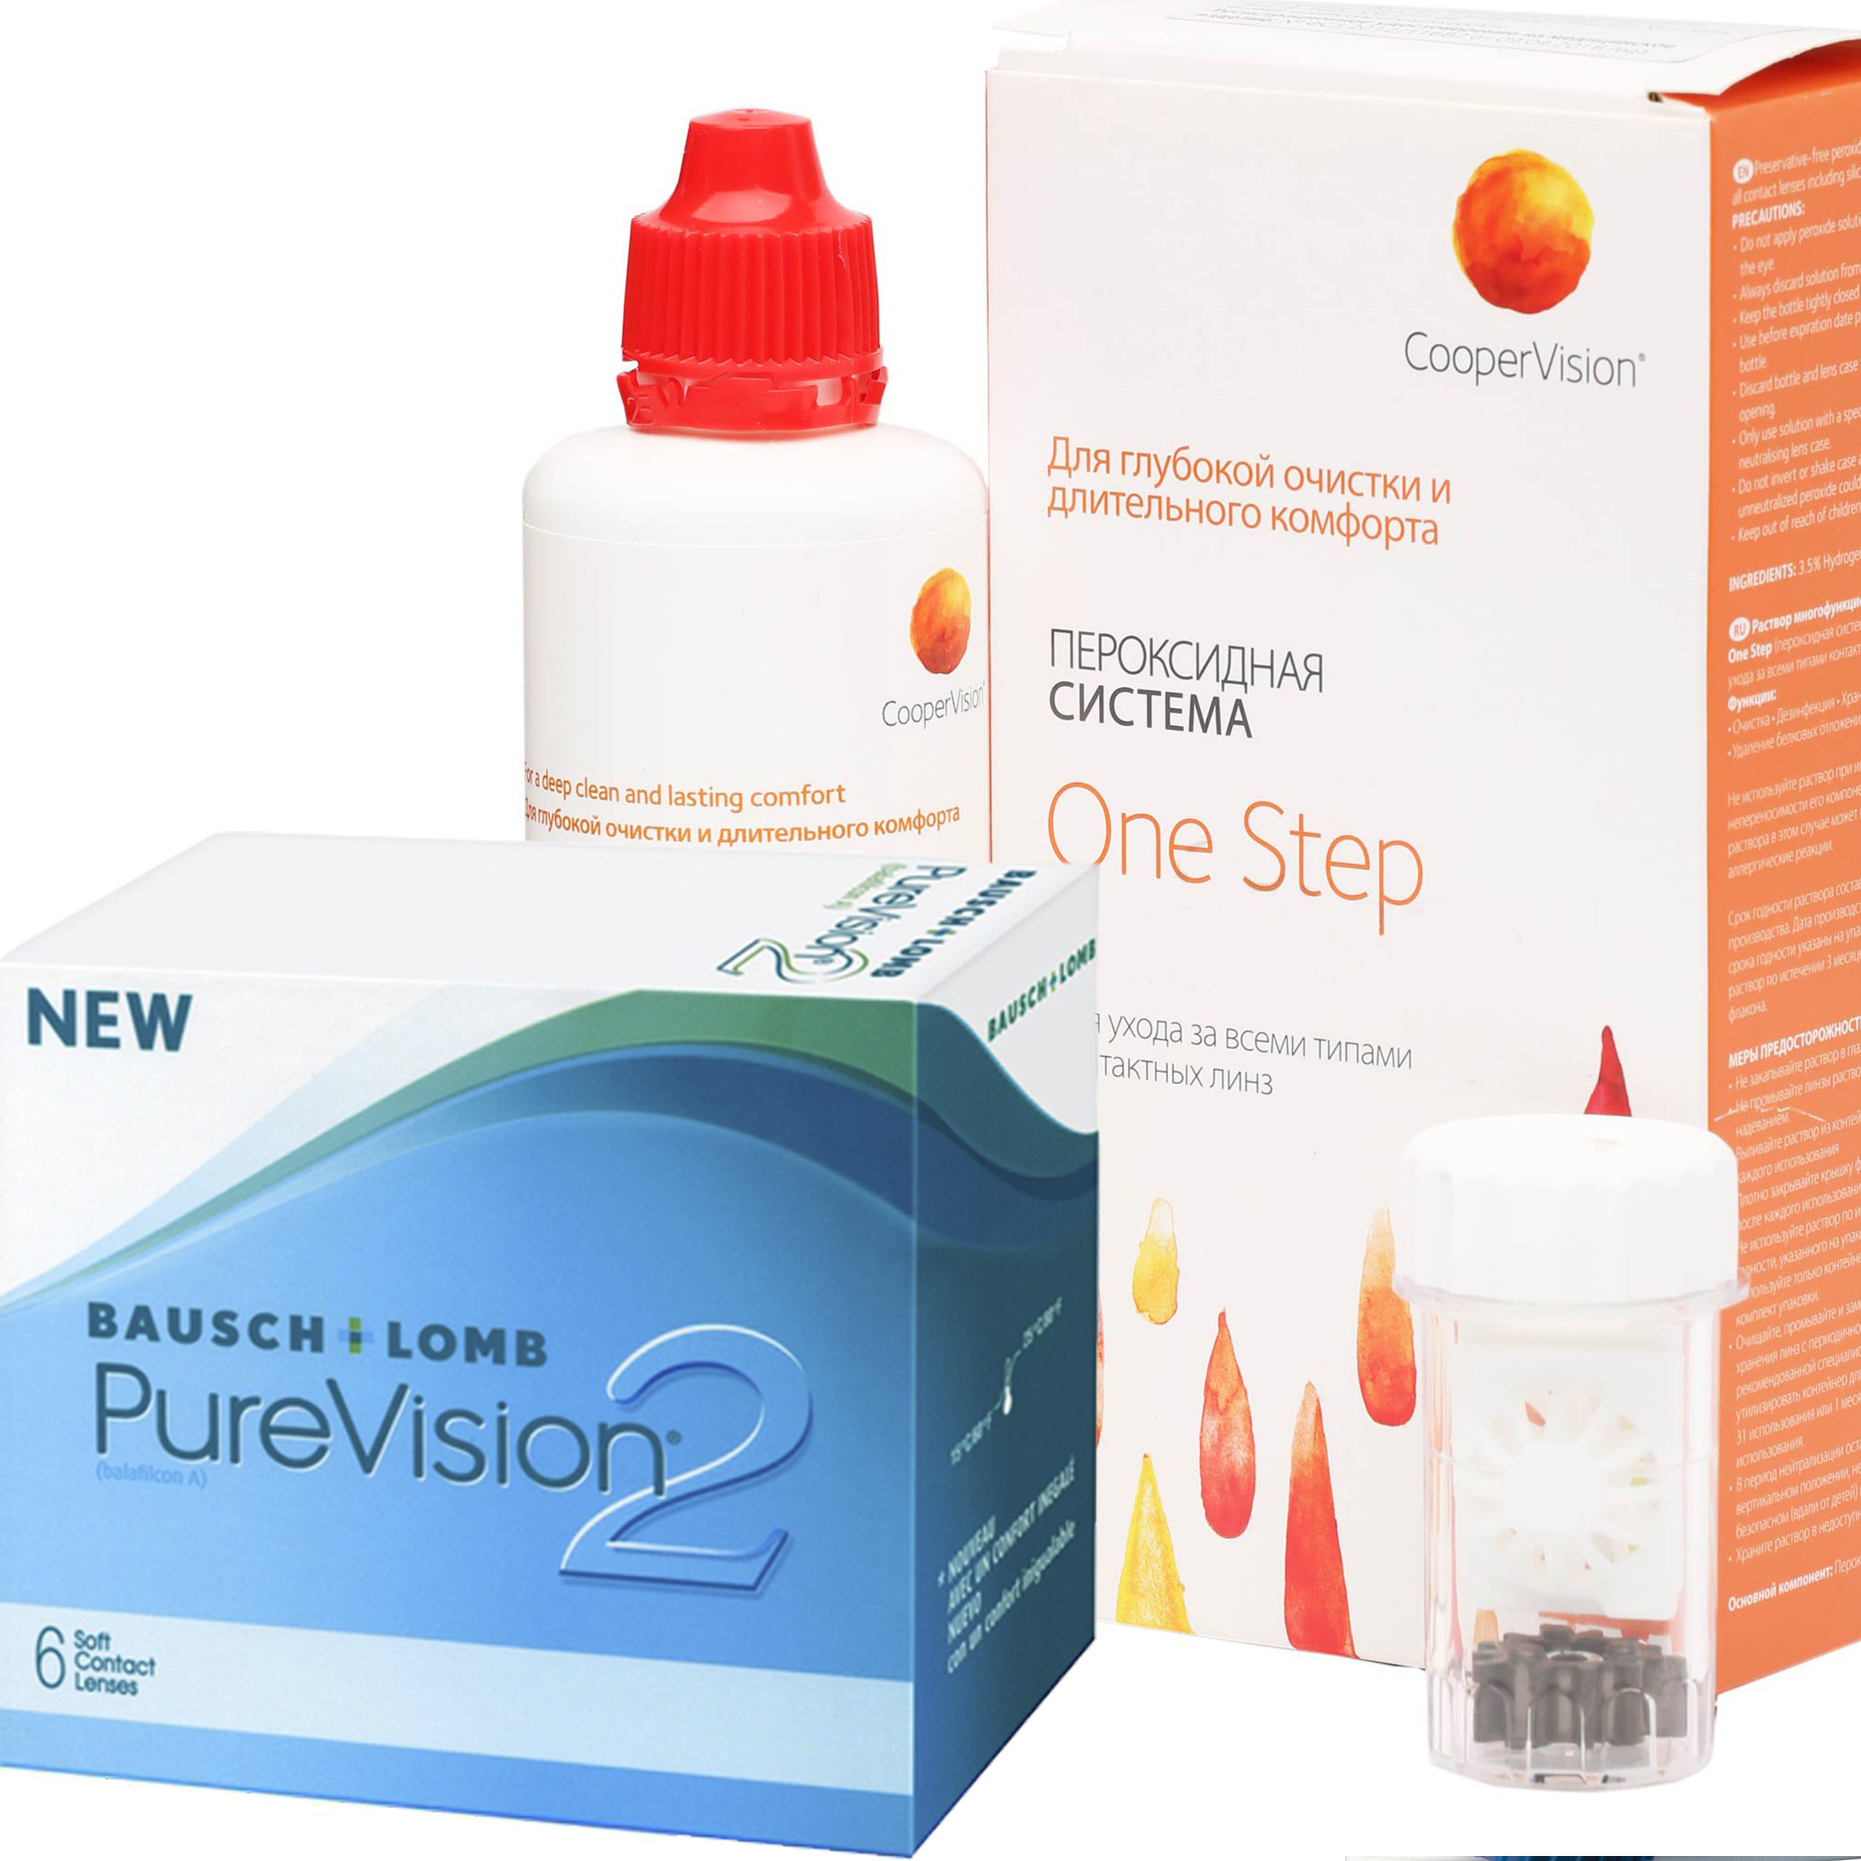 Купить 2 6 линз + One Step, Контактные линзы PureVision 2 6 линз R 8.6 +1, 25 + Раствор One Step 360 мл